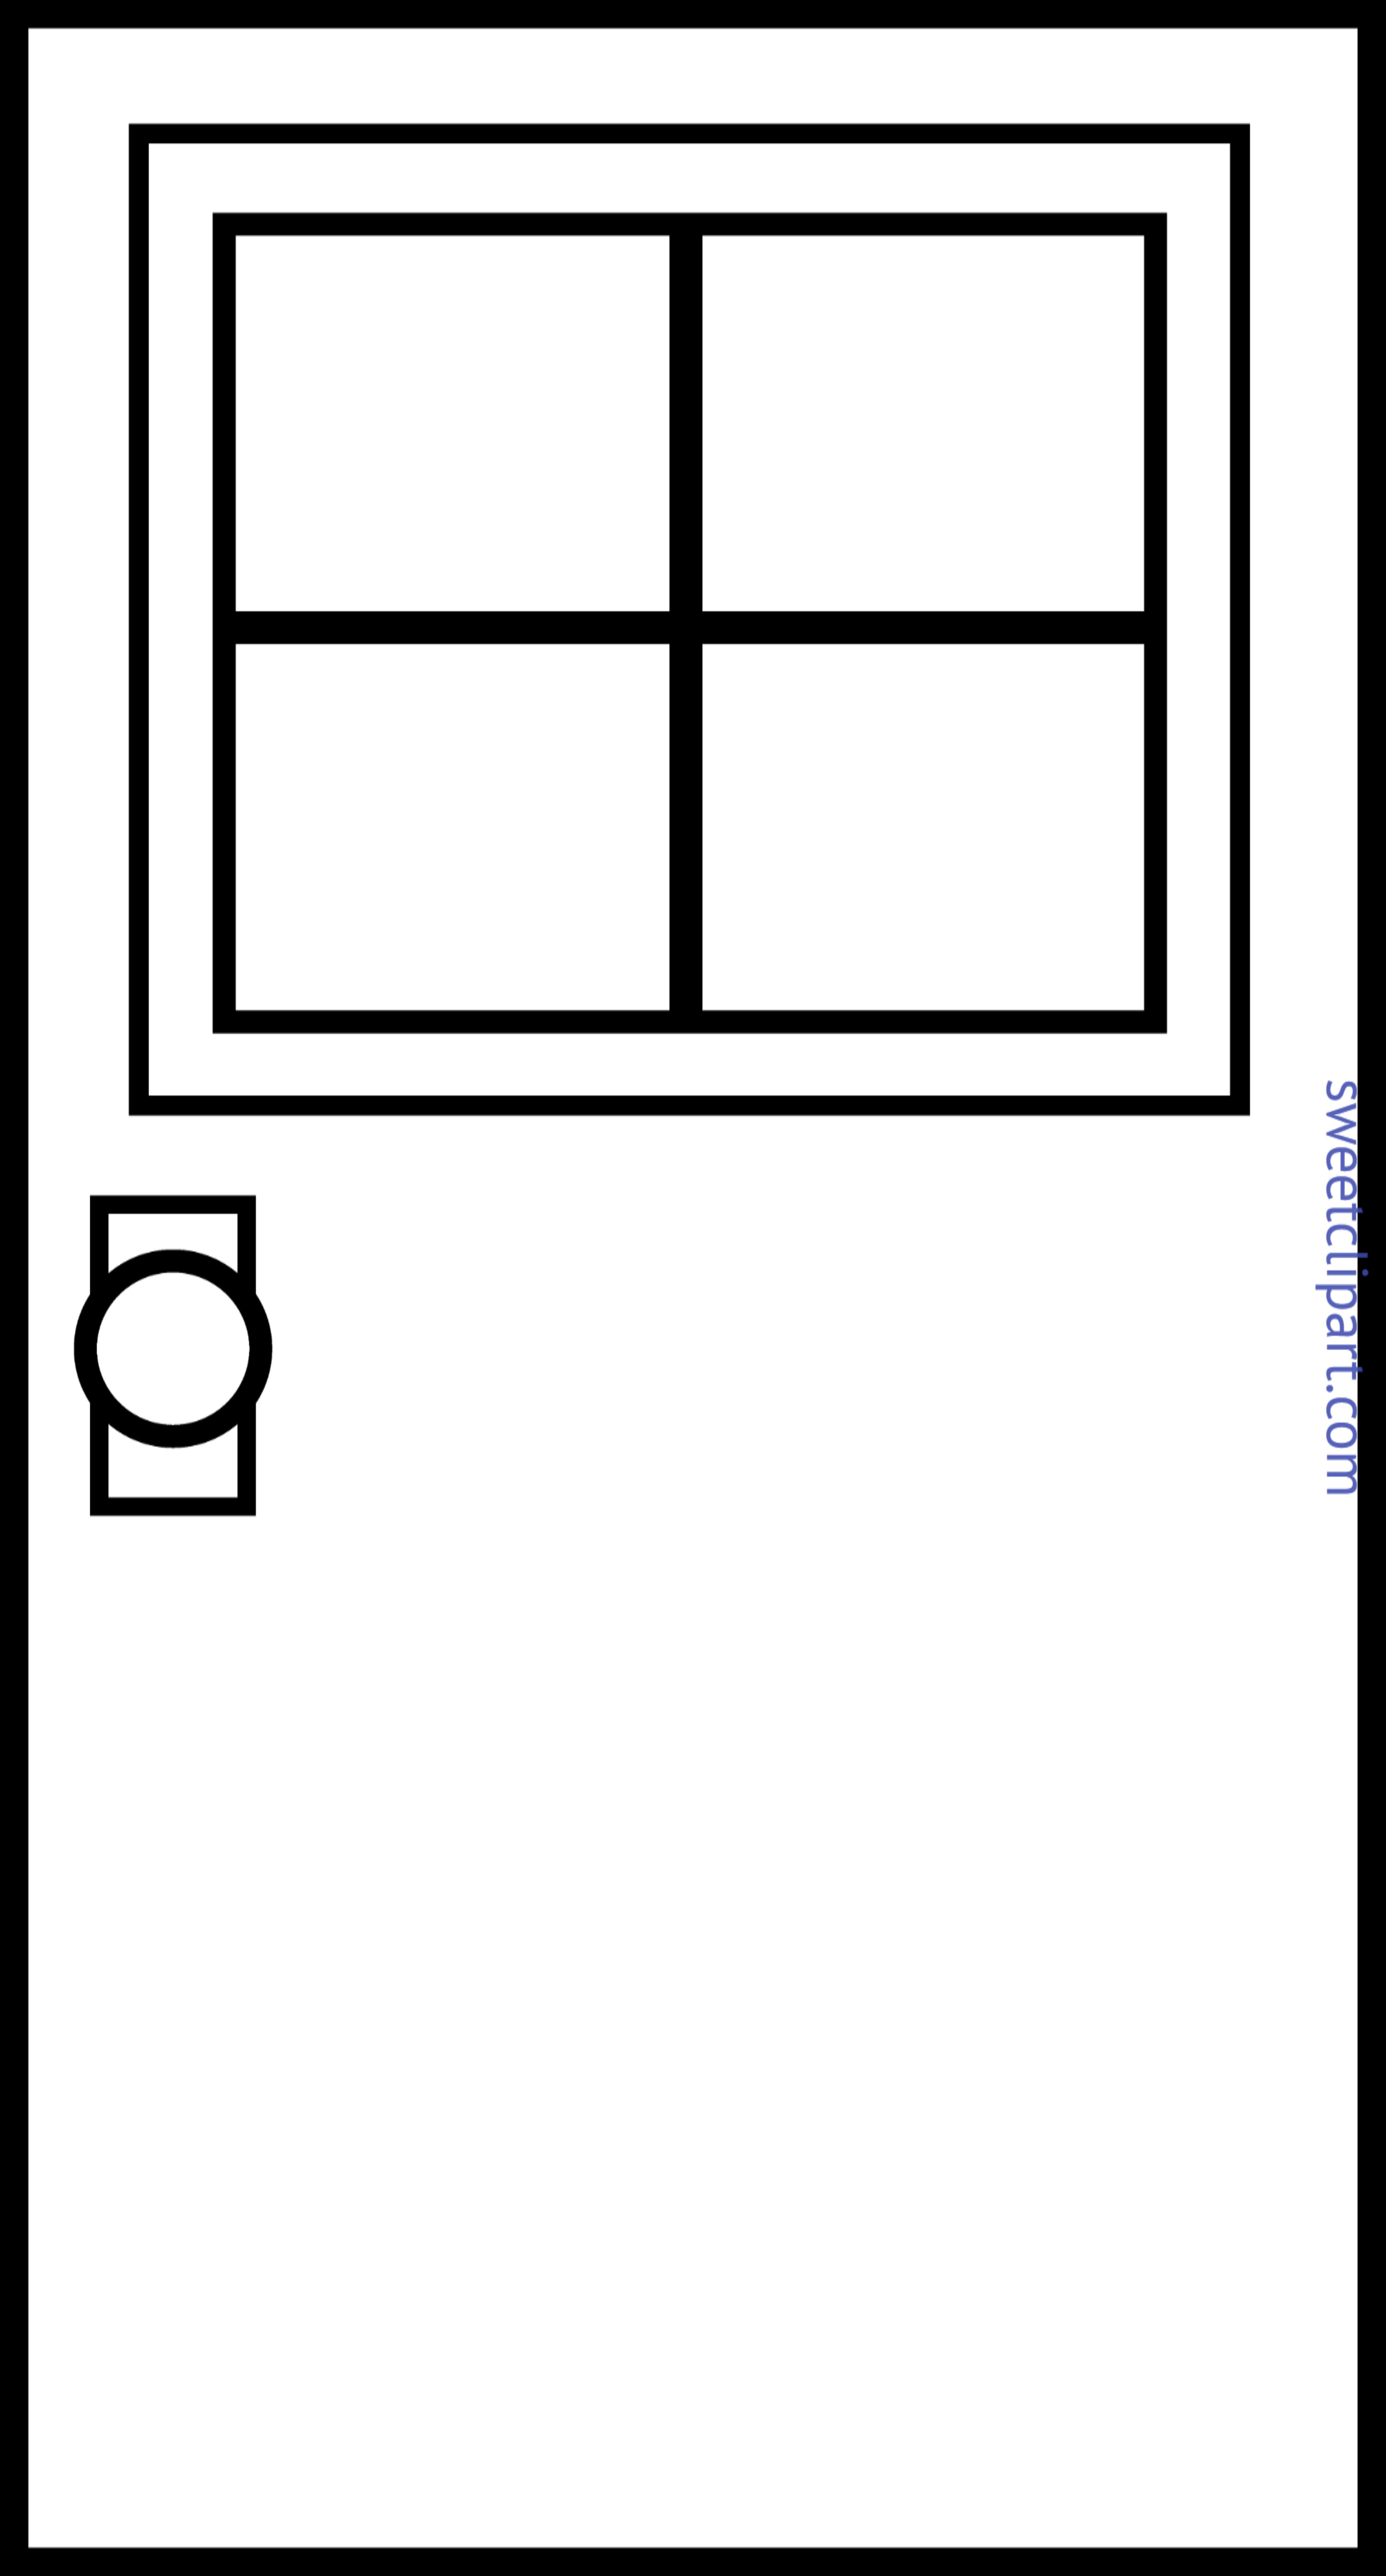 Door Lineart Clip Art.